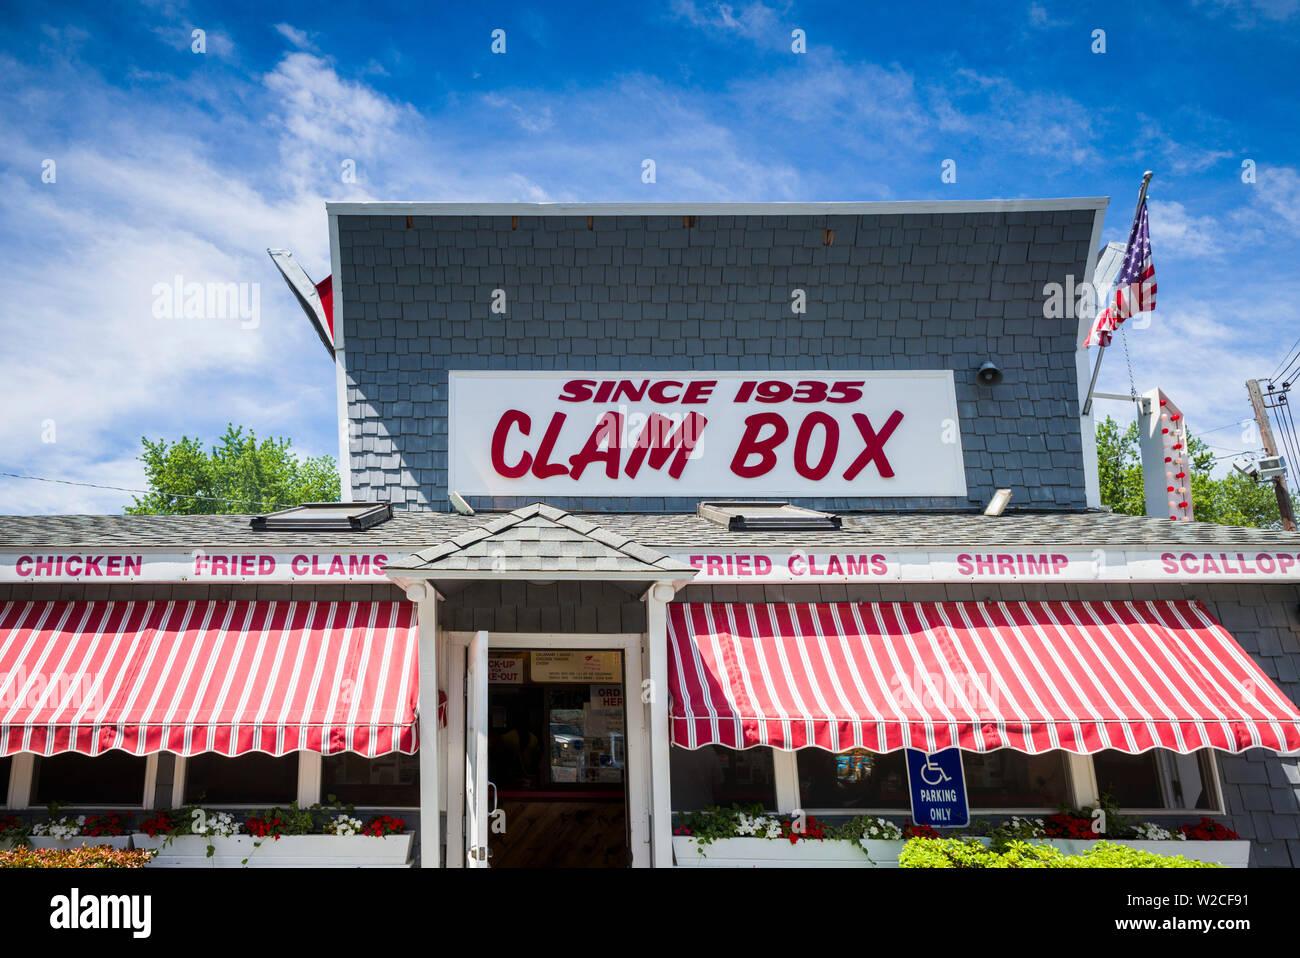 USA, Massachusetts, Ipswich, The Clam Box of Ipswich restaurant, exterior Stock Photo